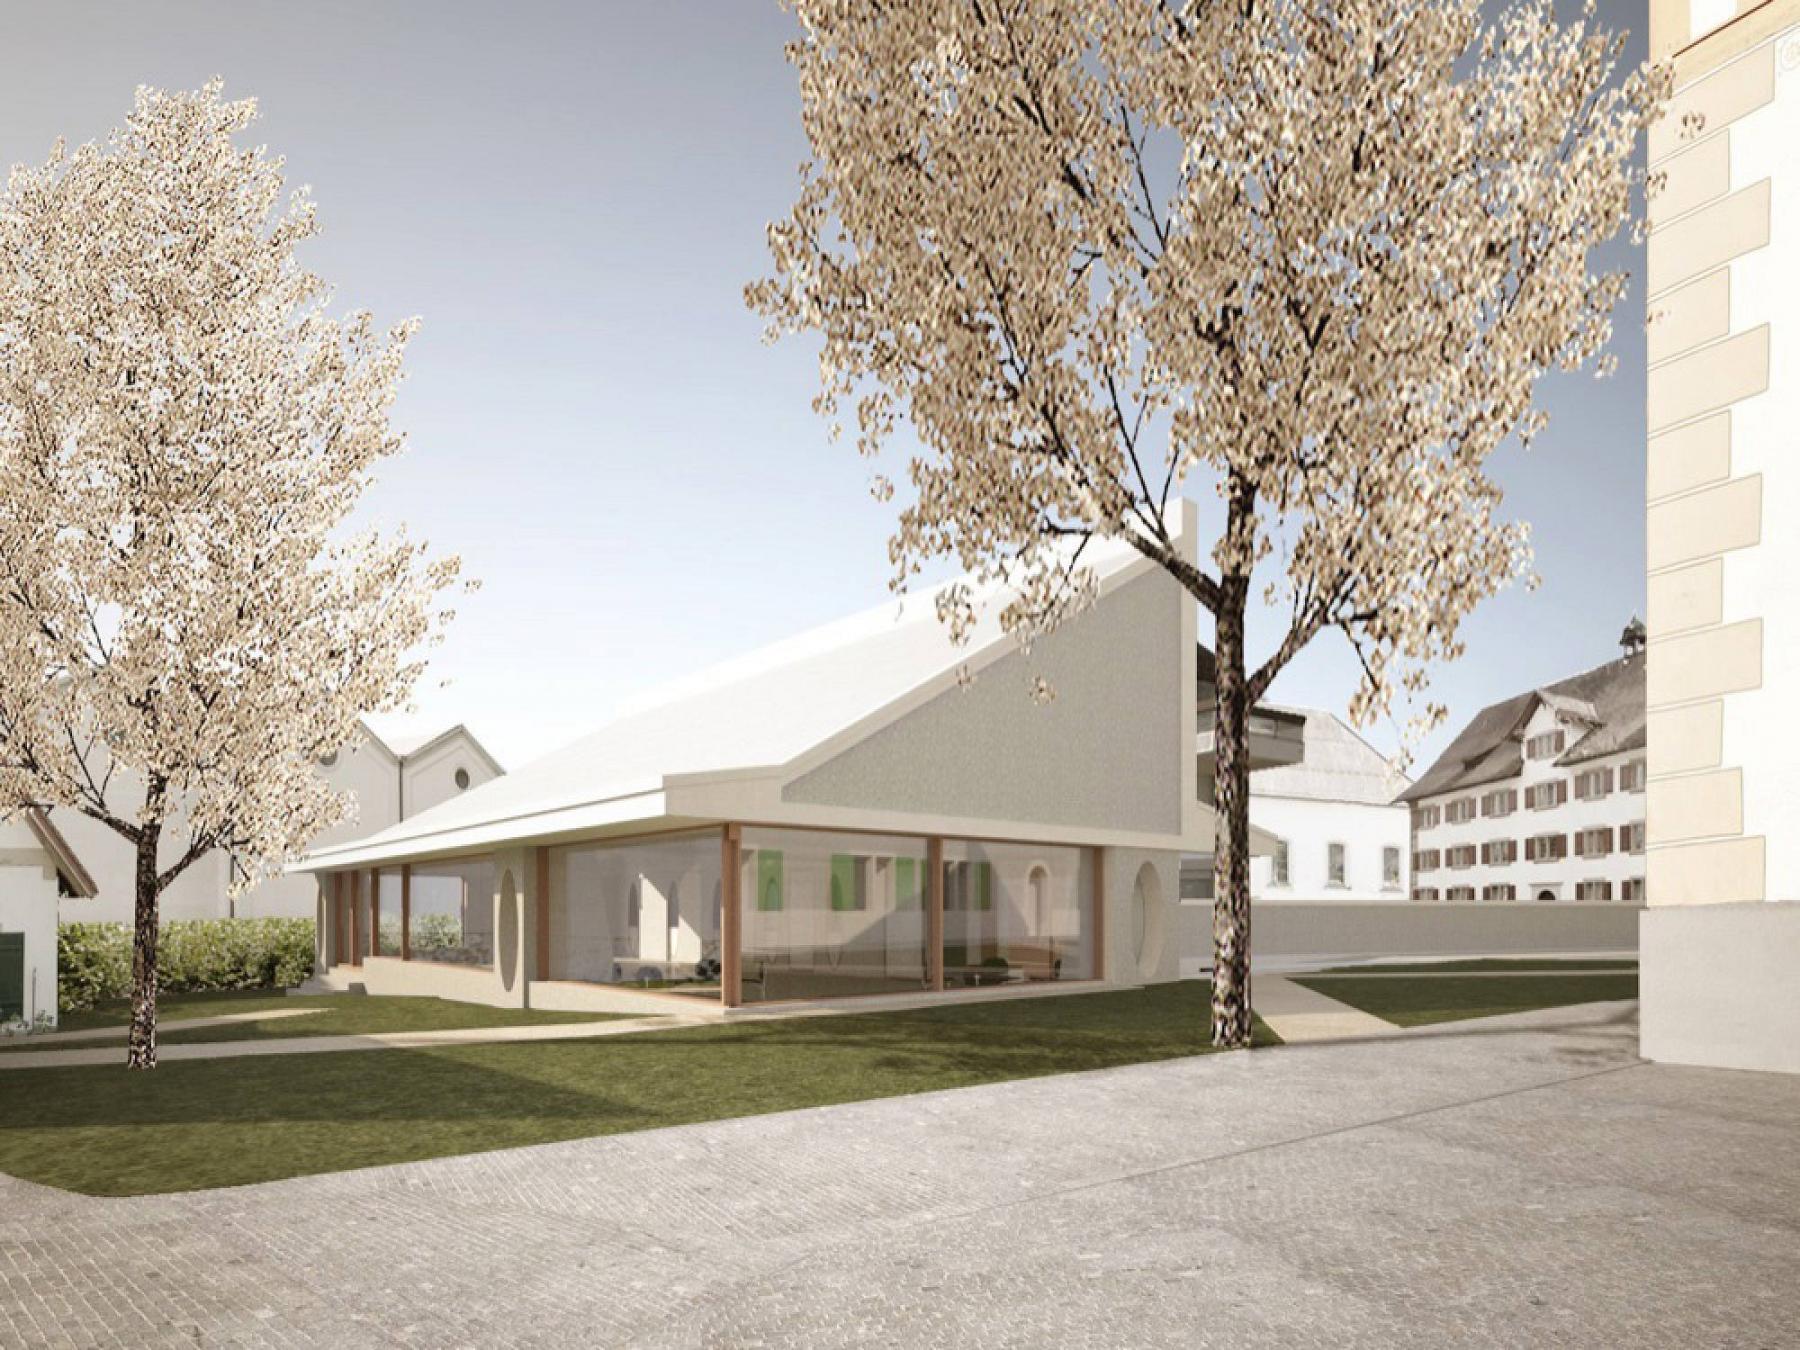 Umbau des alten Pfarrhauses und Neubau eines Kirchgemeindesaals Rüti ZH, ARGE Joos & Mathys Architekten AG | Daniel Nyffeler Architekten